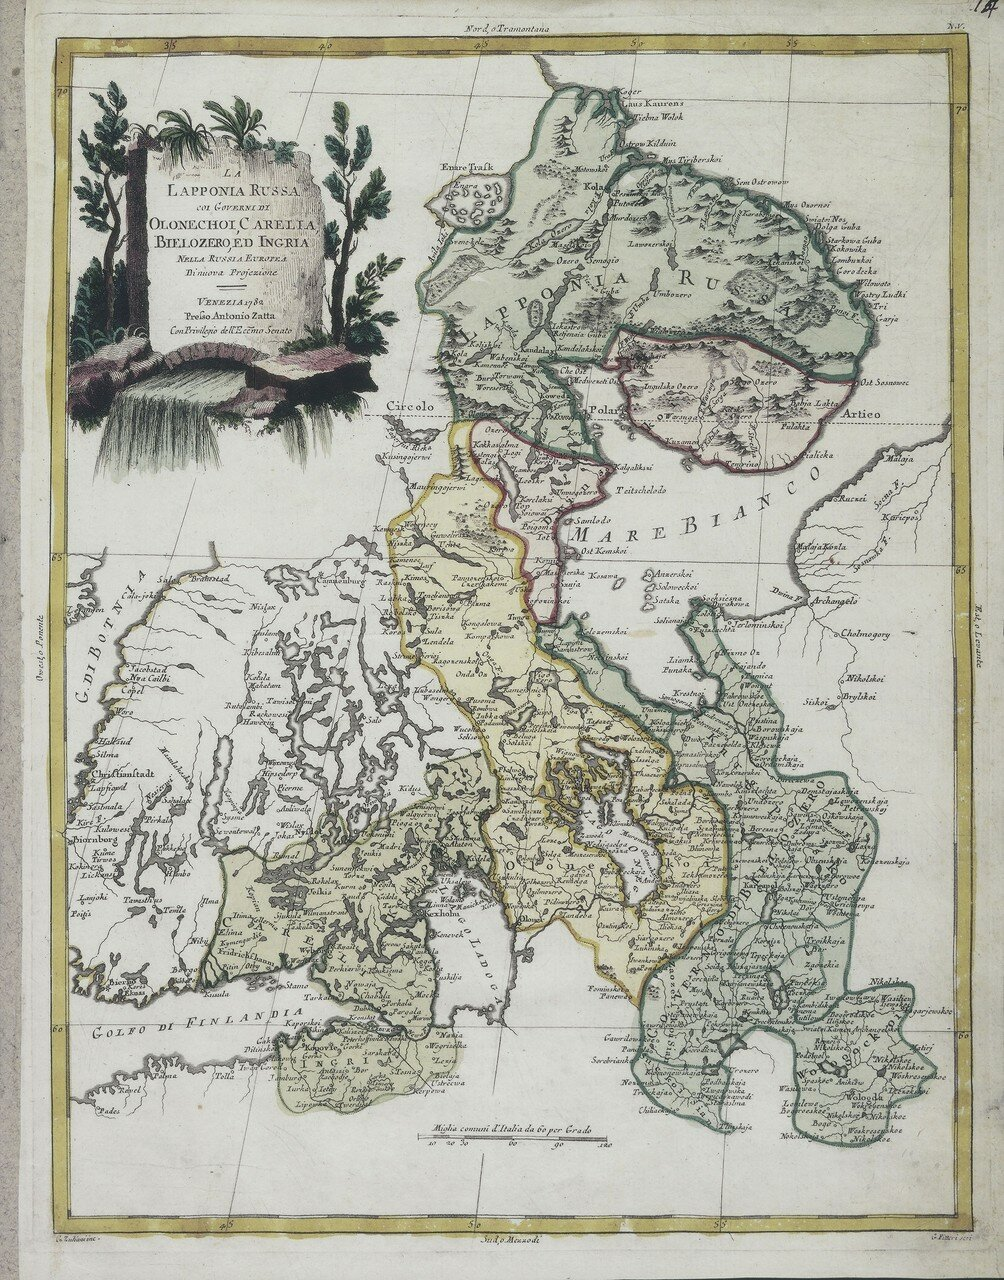 1782. Русская Лапландия с Олонецкой губернией, Карелией и Ингрией в европейской части России